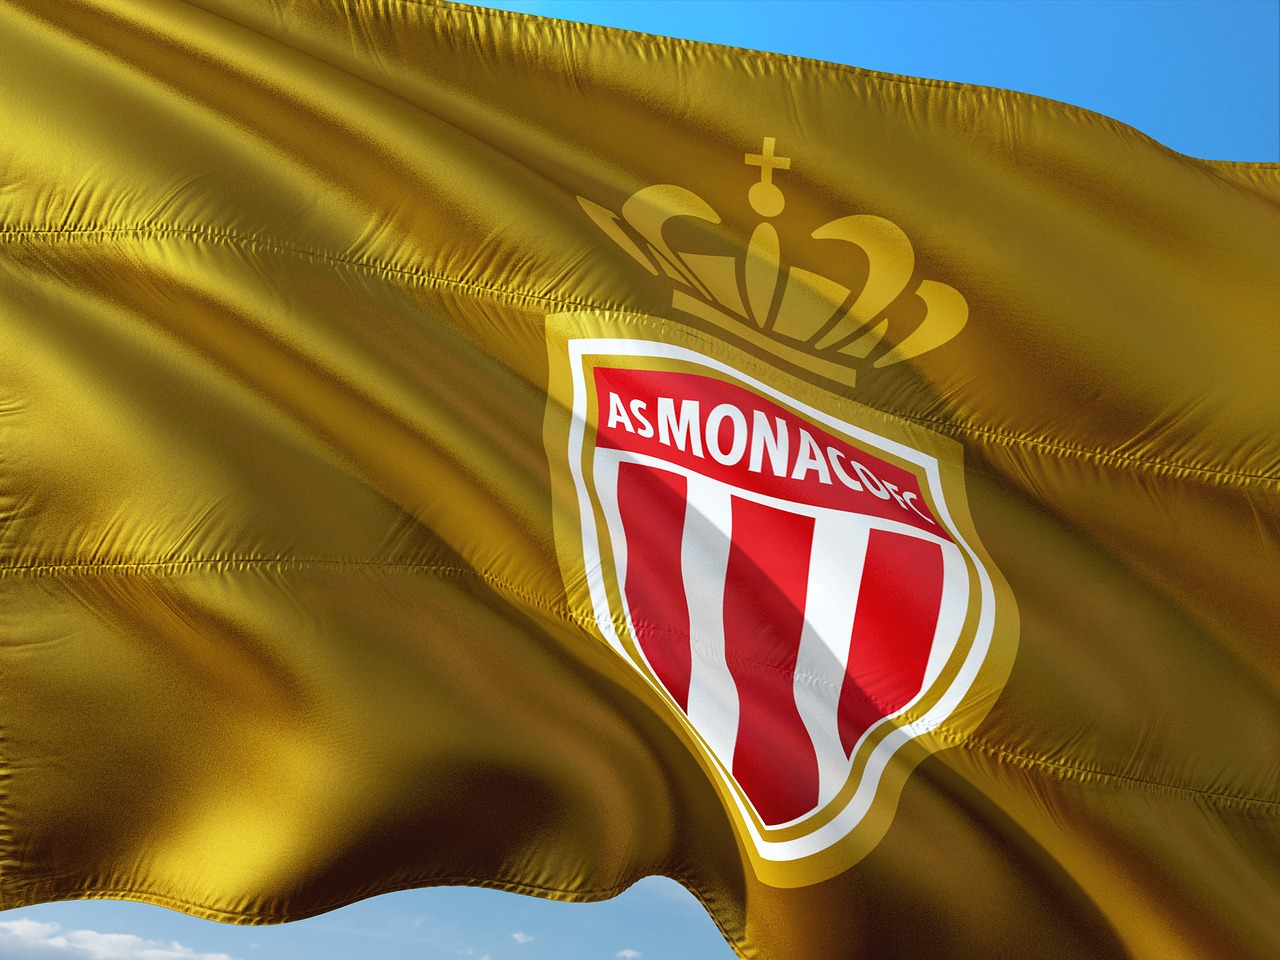 Frankreich in Monaco als beste Mannschaft der Welt ausgezeichnet – Tränen bei Lindsey Vonn bei der Verleihung in Tränen aus – sie bricht ihre Dankesrede ab